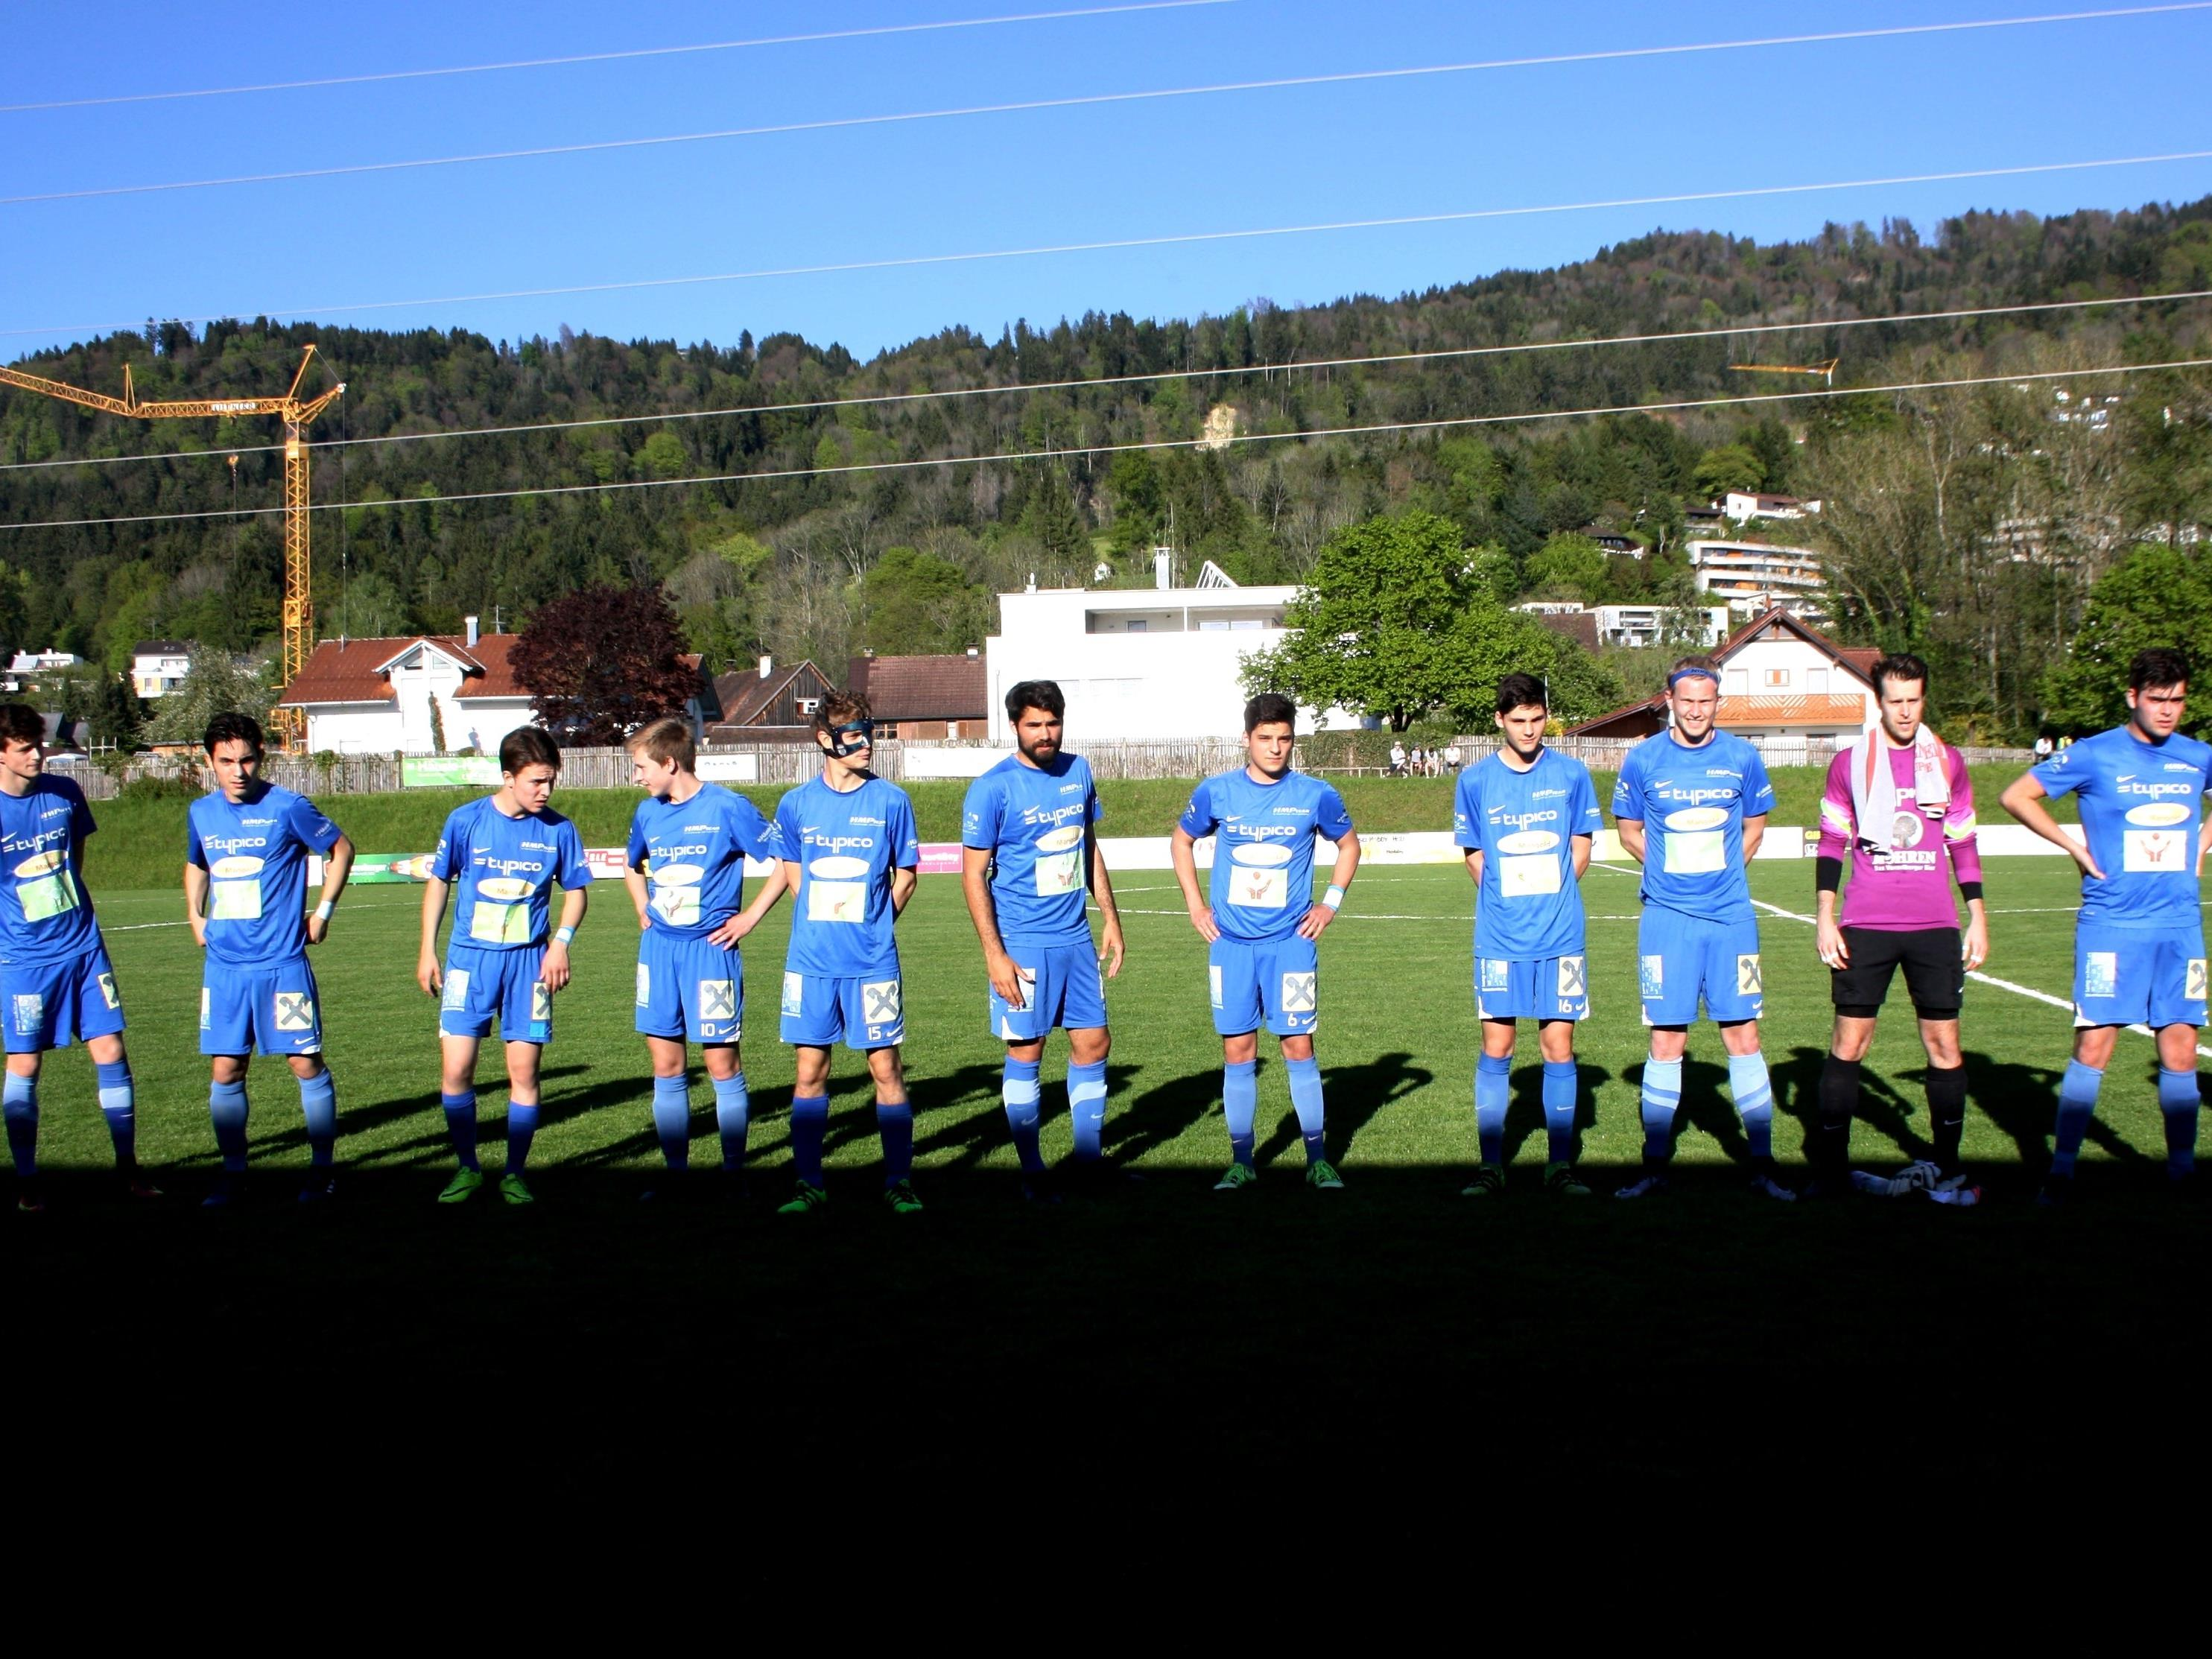 Die höchst erfolgreichen Nachwuchsspieler des SV Typico Lochau 1b spielen bereits um 14.45 Uhr im Stadion am Hoferfeld gegen Altach 1b.